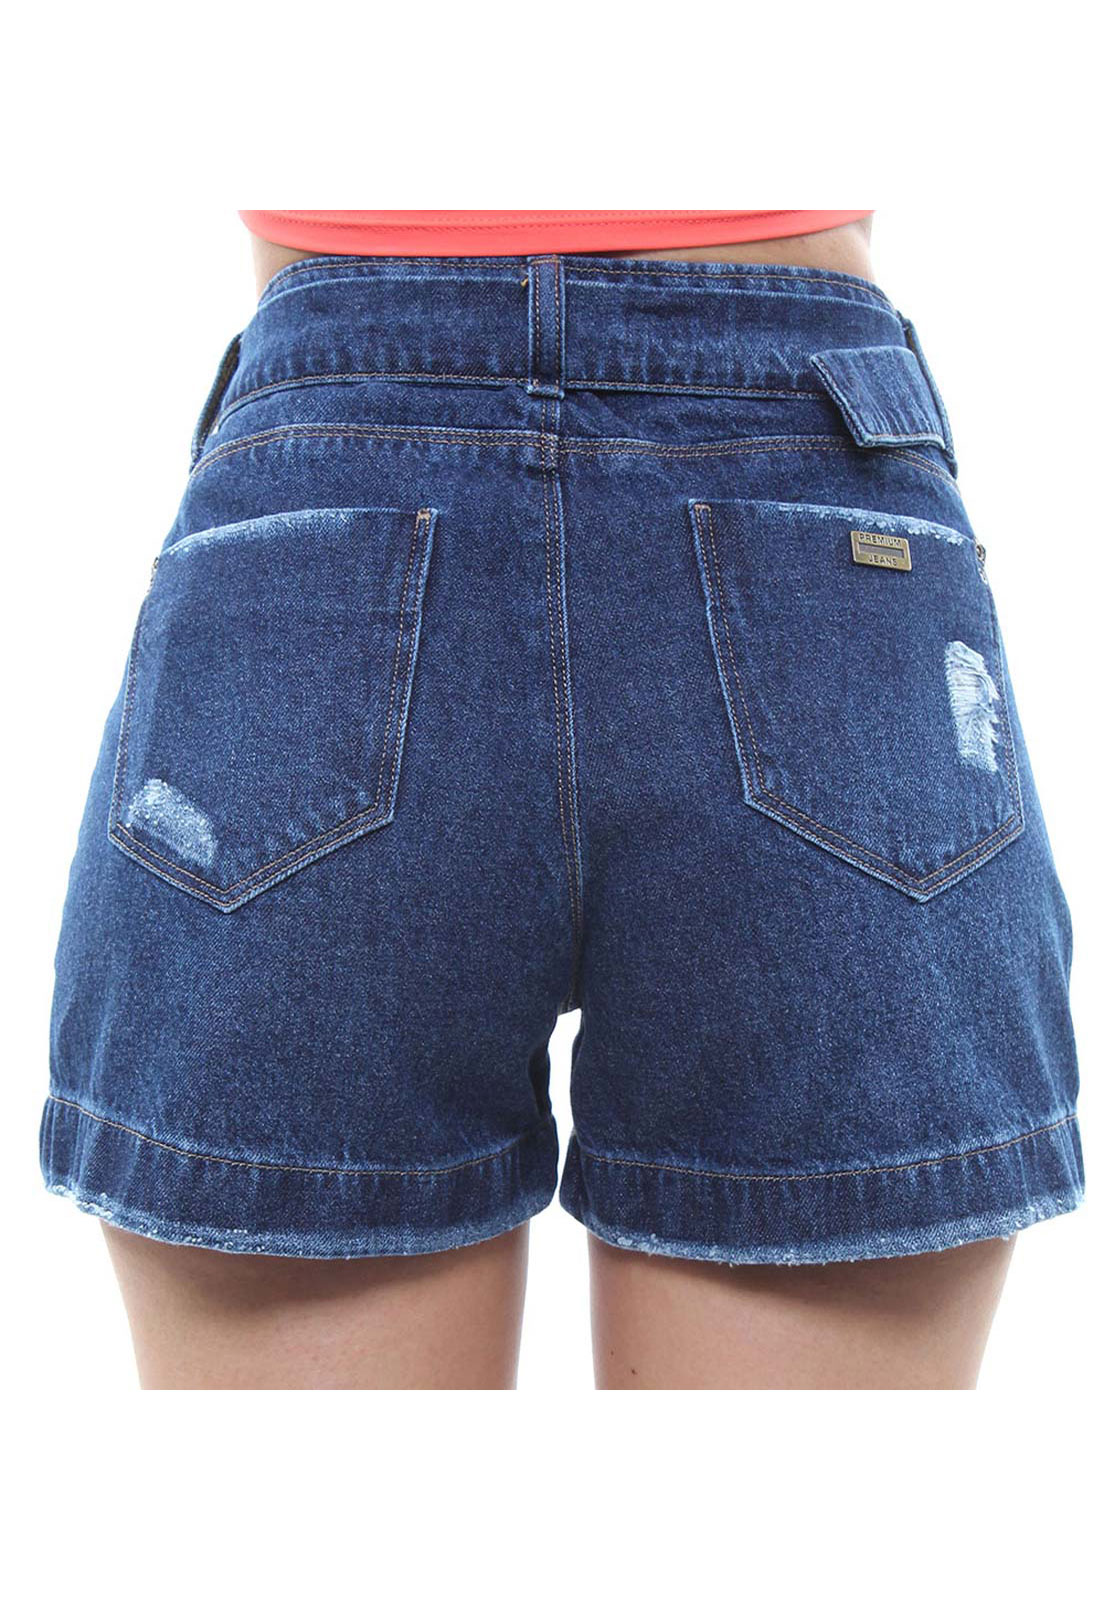 Short Jeans Feminino Curto Assimétrico Crocker - 47922  - CROCKER JEANS